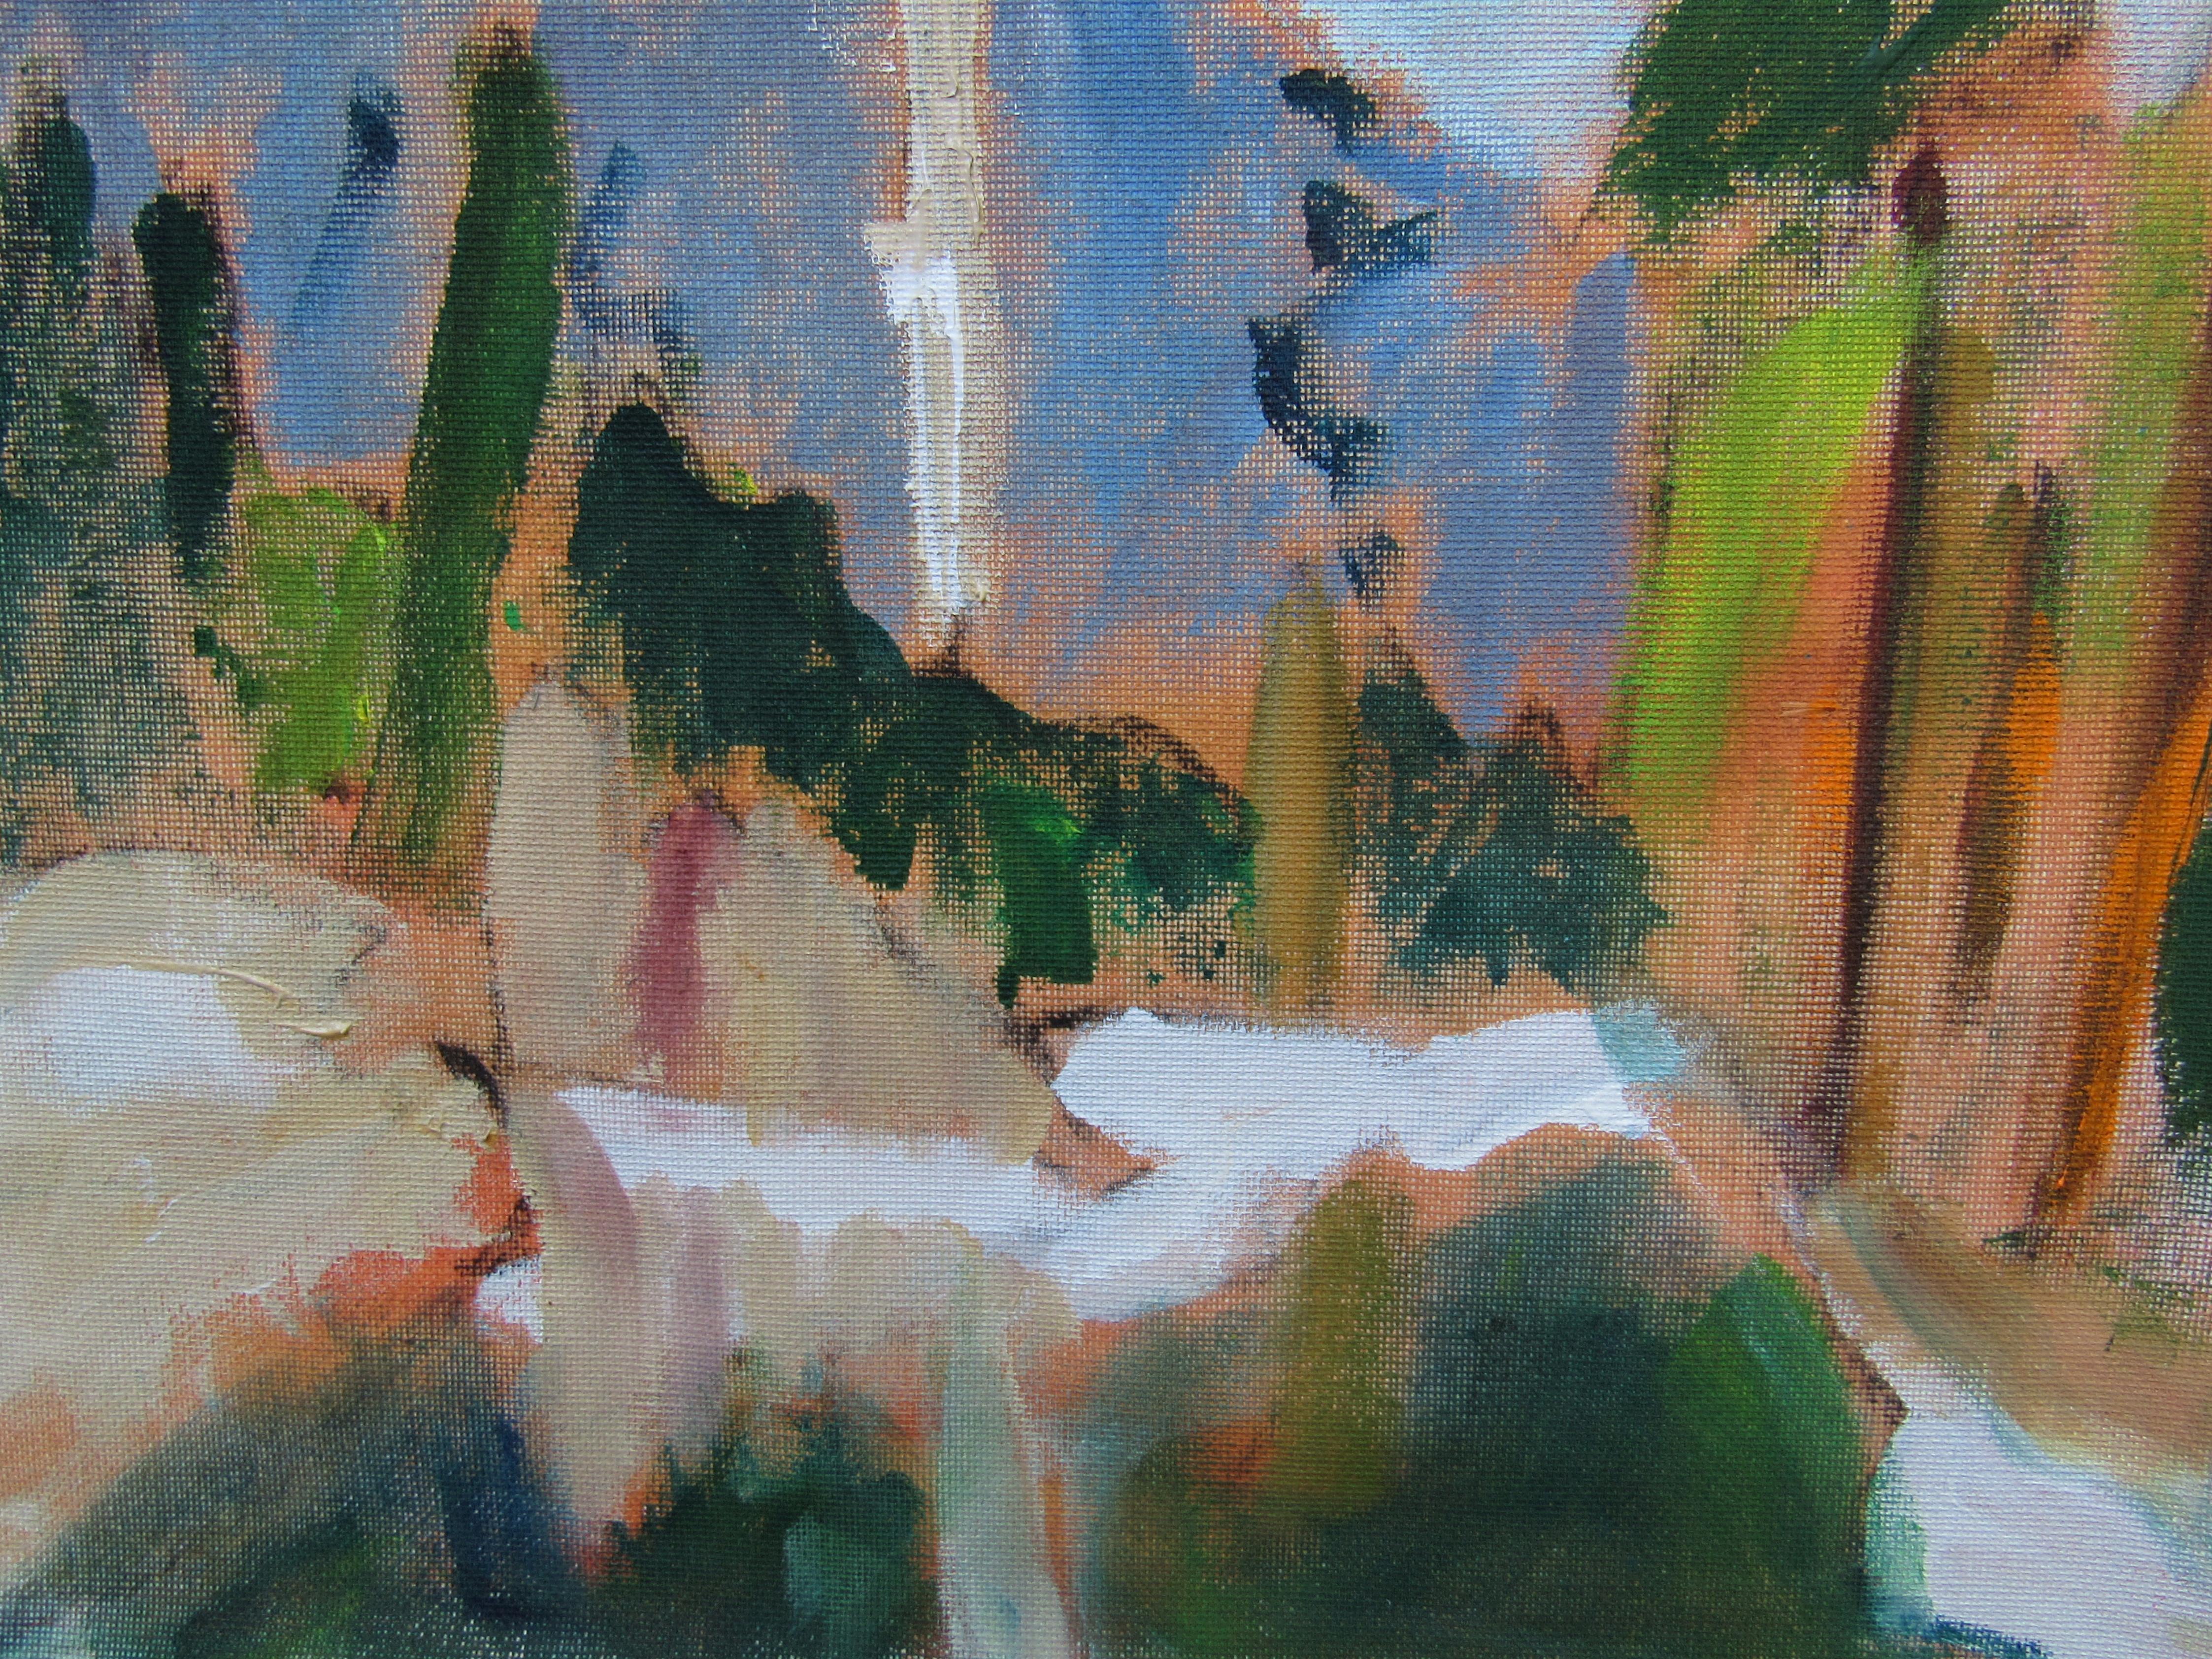 9 x 12 Yosemite Study.jpg